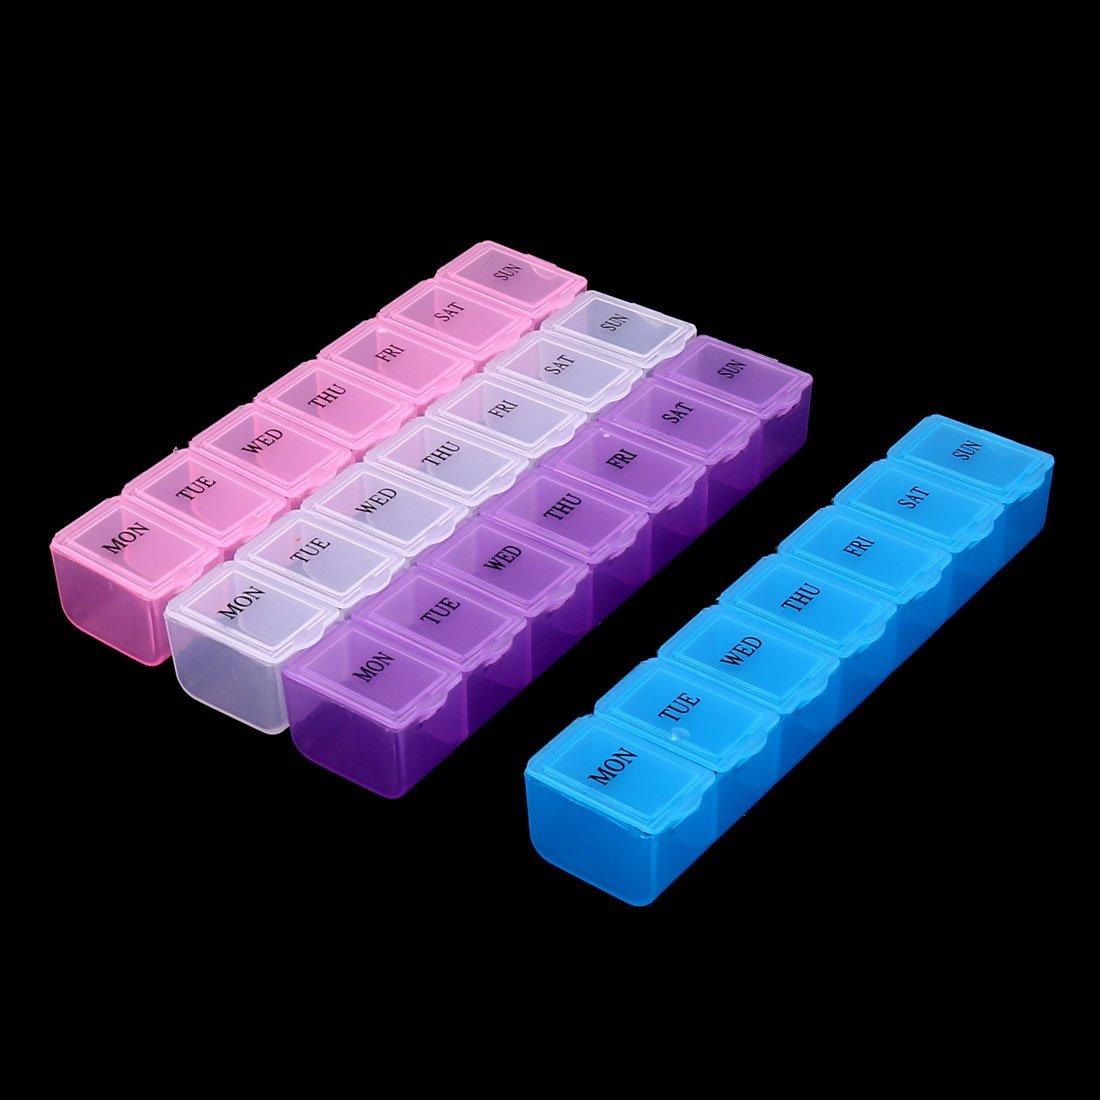 Amazon.com: eDealMax plástico hogar 7 compartimentos píldoras Medicamentos contenedores 4pcs caja de almacenaje: Health & Personal Care